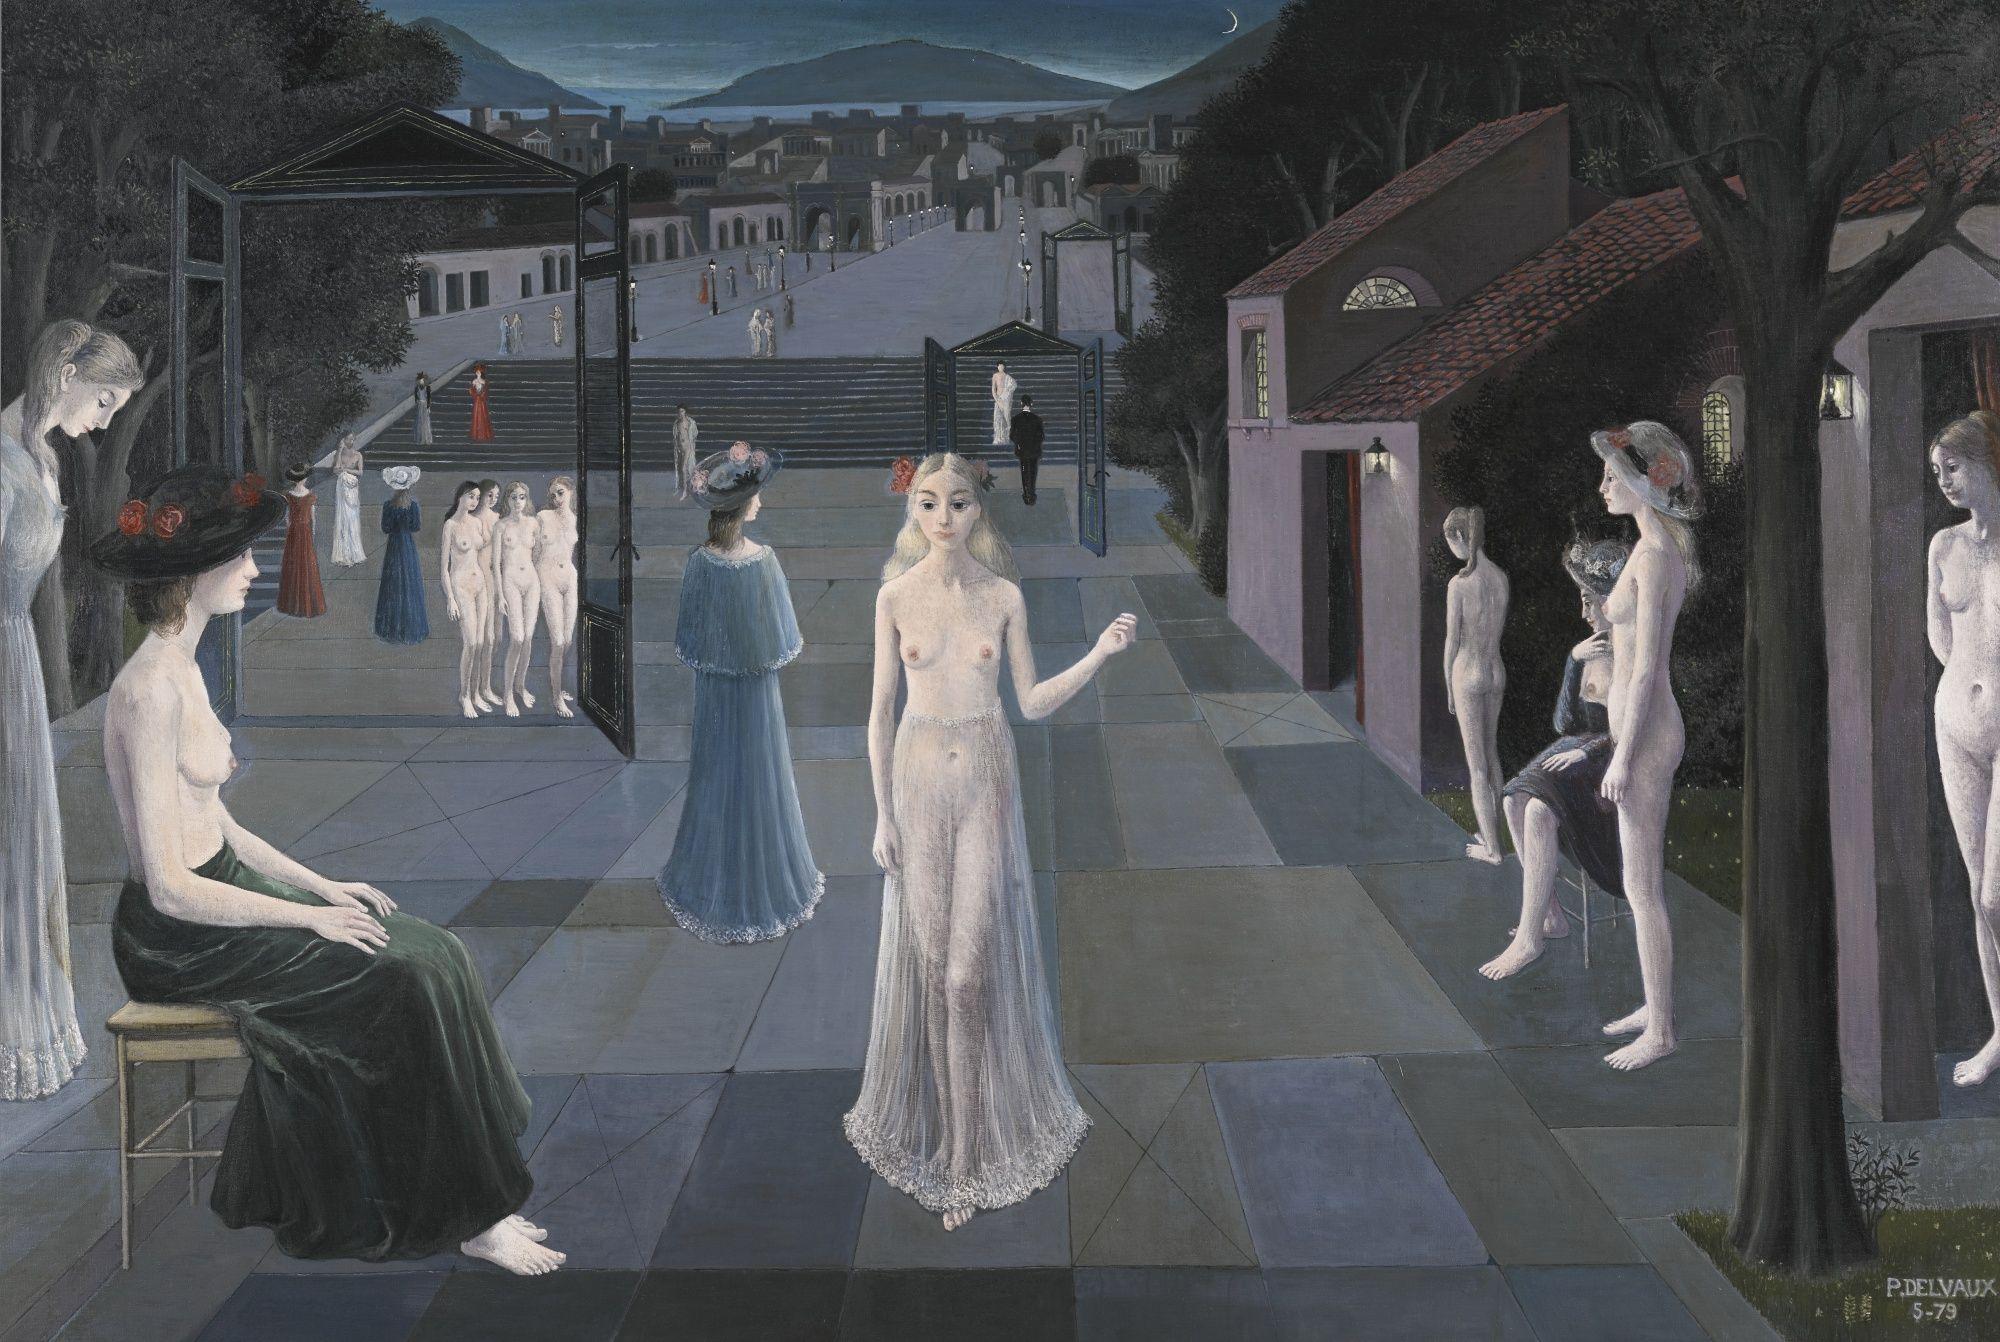 Bàn về nghệ thuật hiện đại và sự thấu hiểu